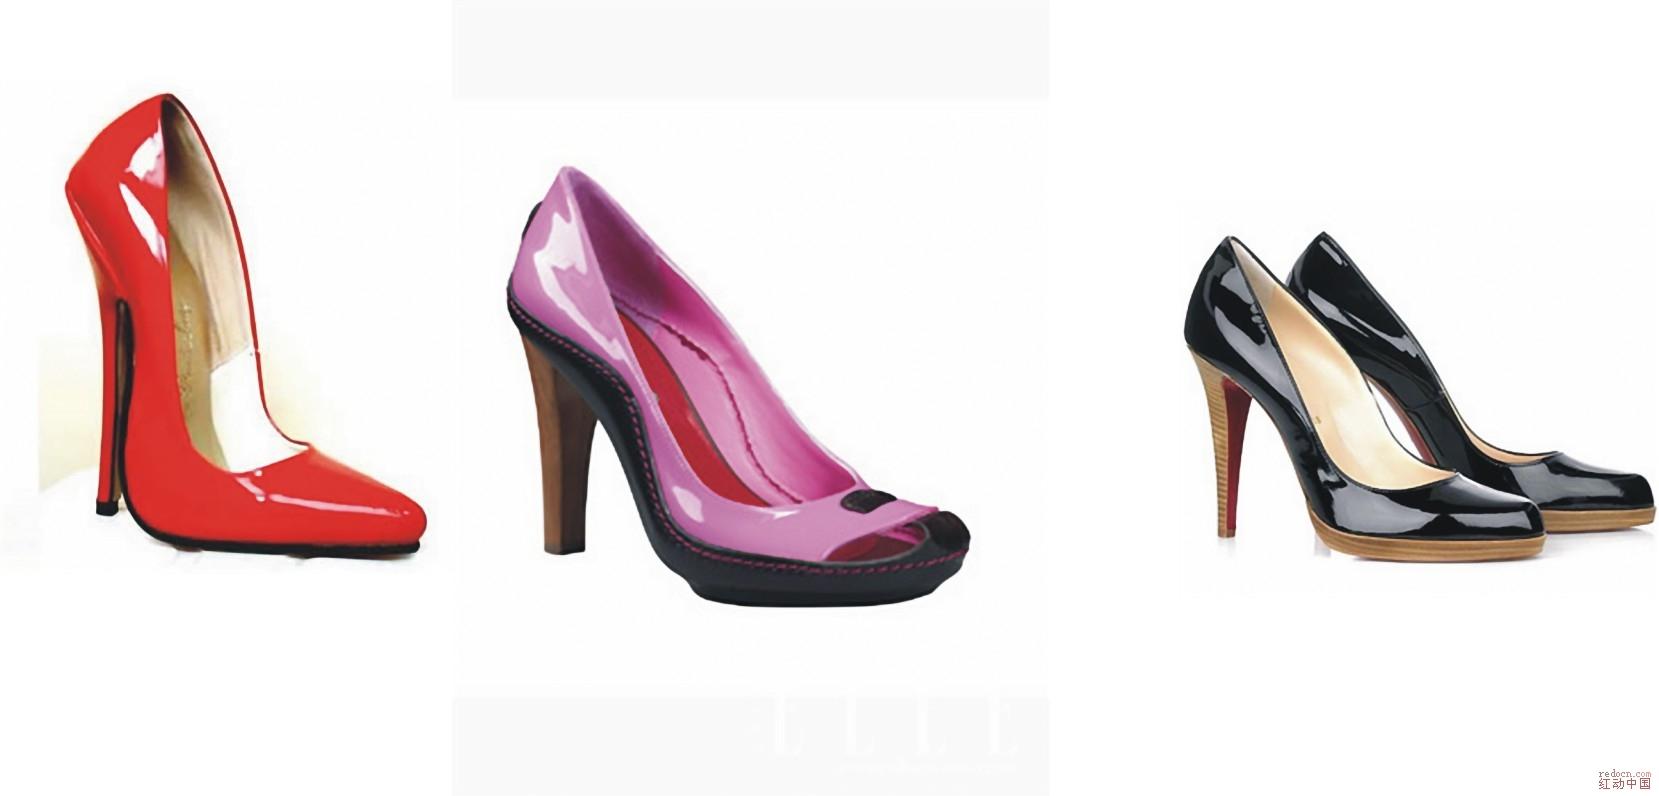 求高根鞋矢量或高清图素材求助_红动知道 专业设计网